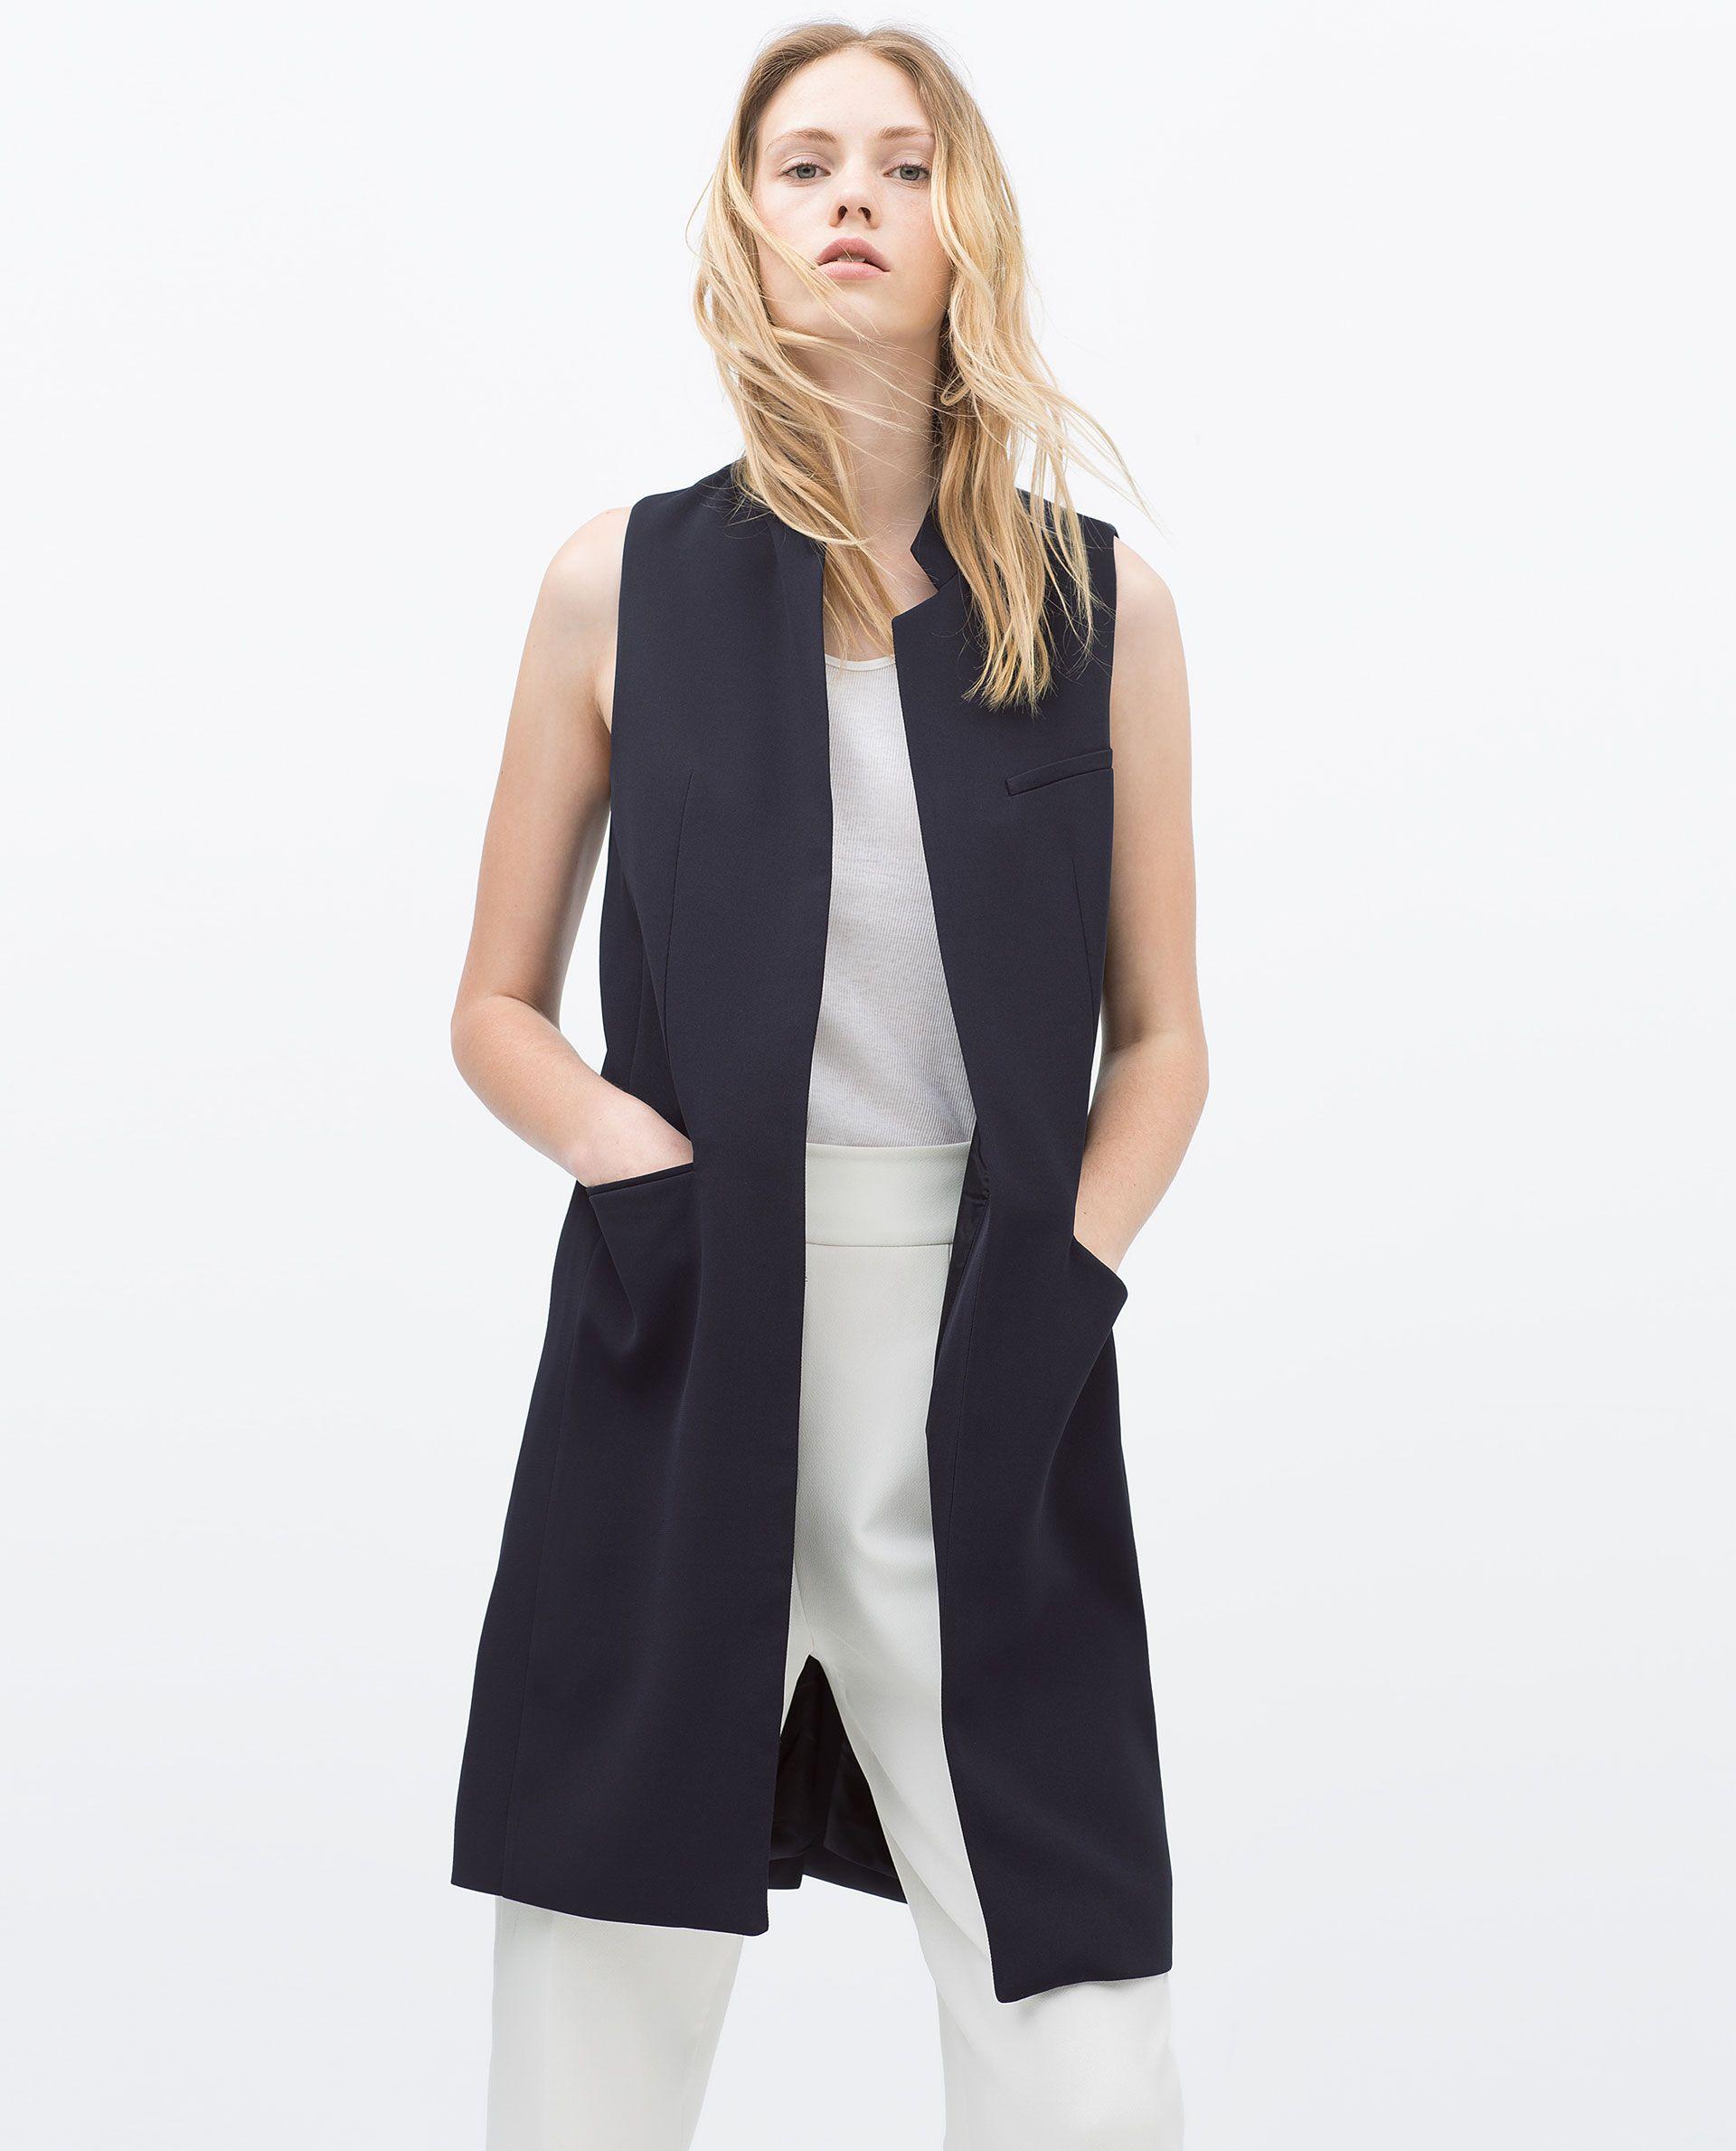 món đồ thời trang áo vest đen dáng dài dành cho nữ